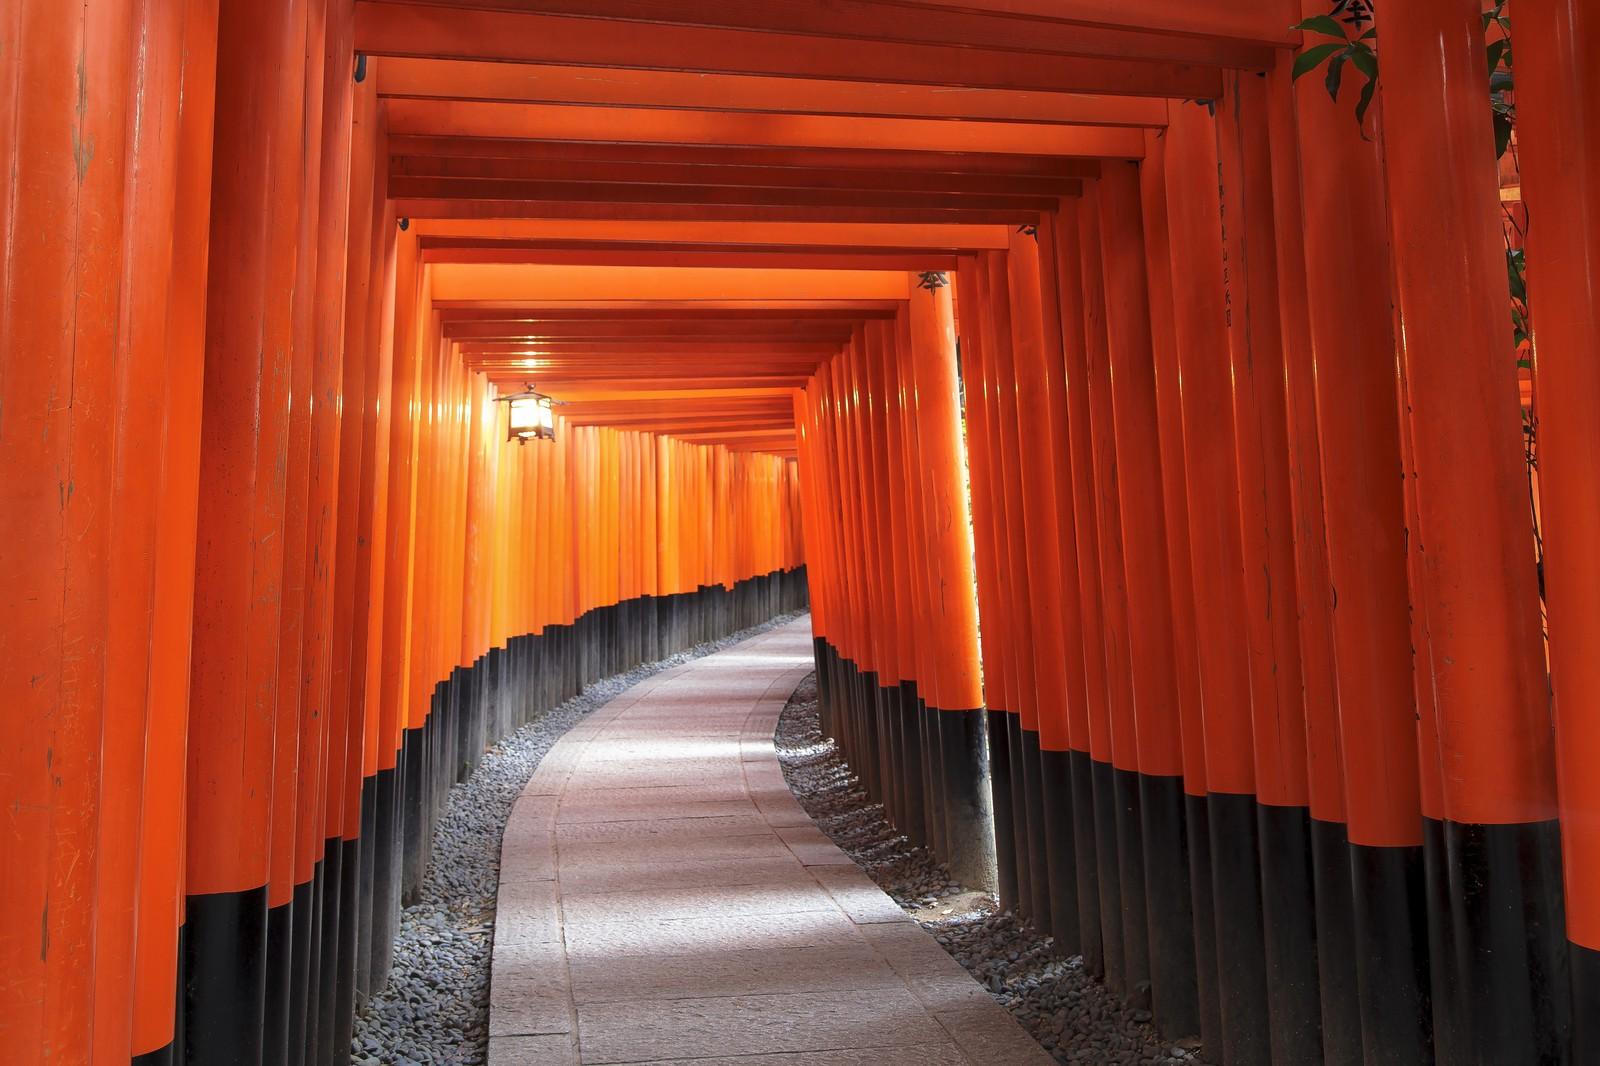 サムハラ神社(大阪)に伝わる怖い話とは?参拝方法やご利益もチェック!